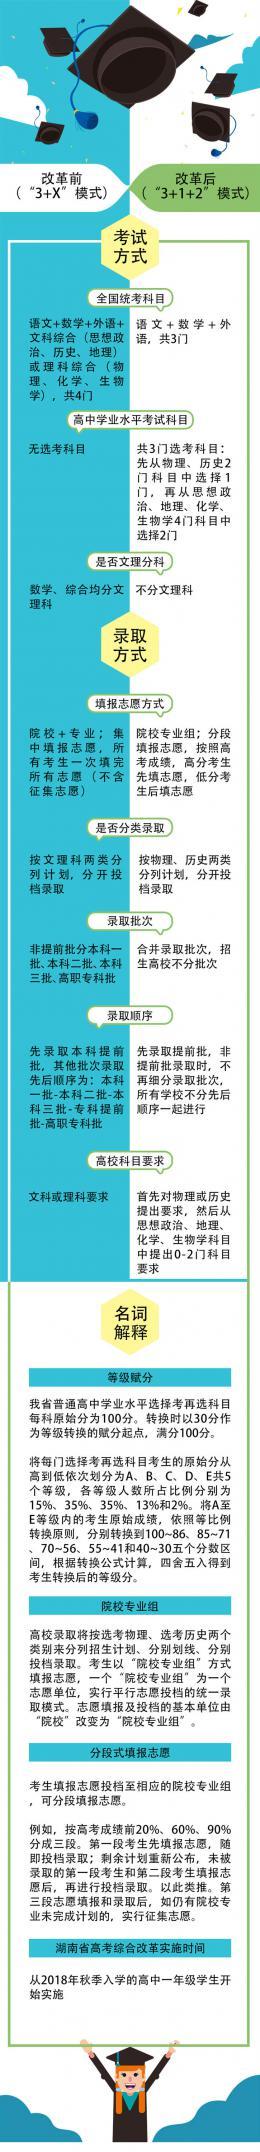 """一图读懂湖南新高考"""" 3+1+2 """"方案"""